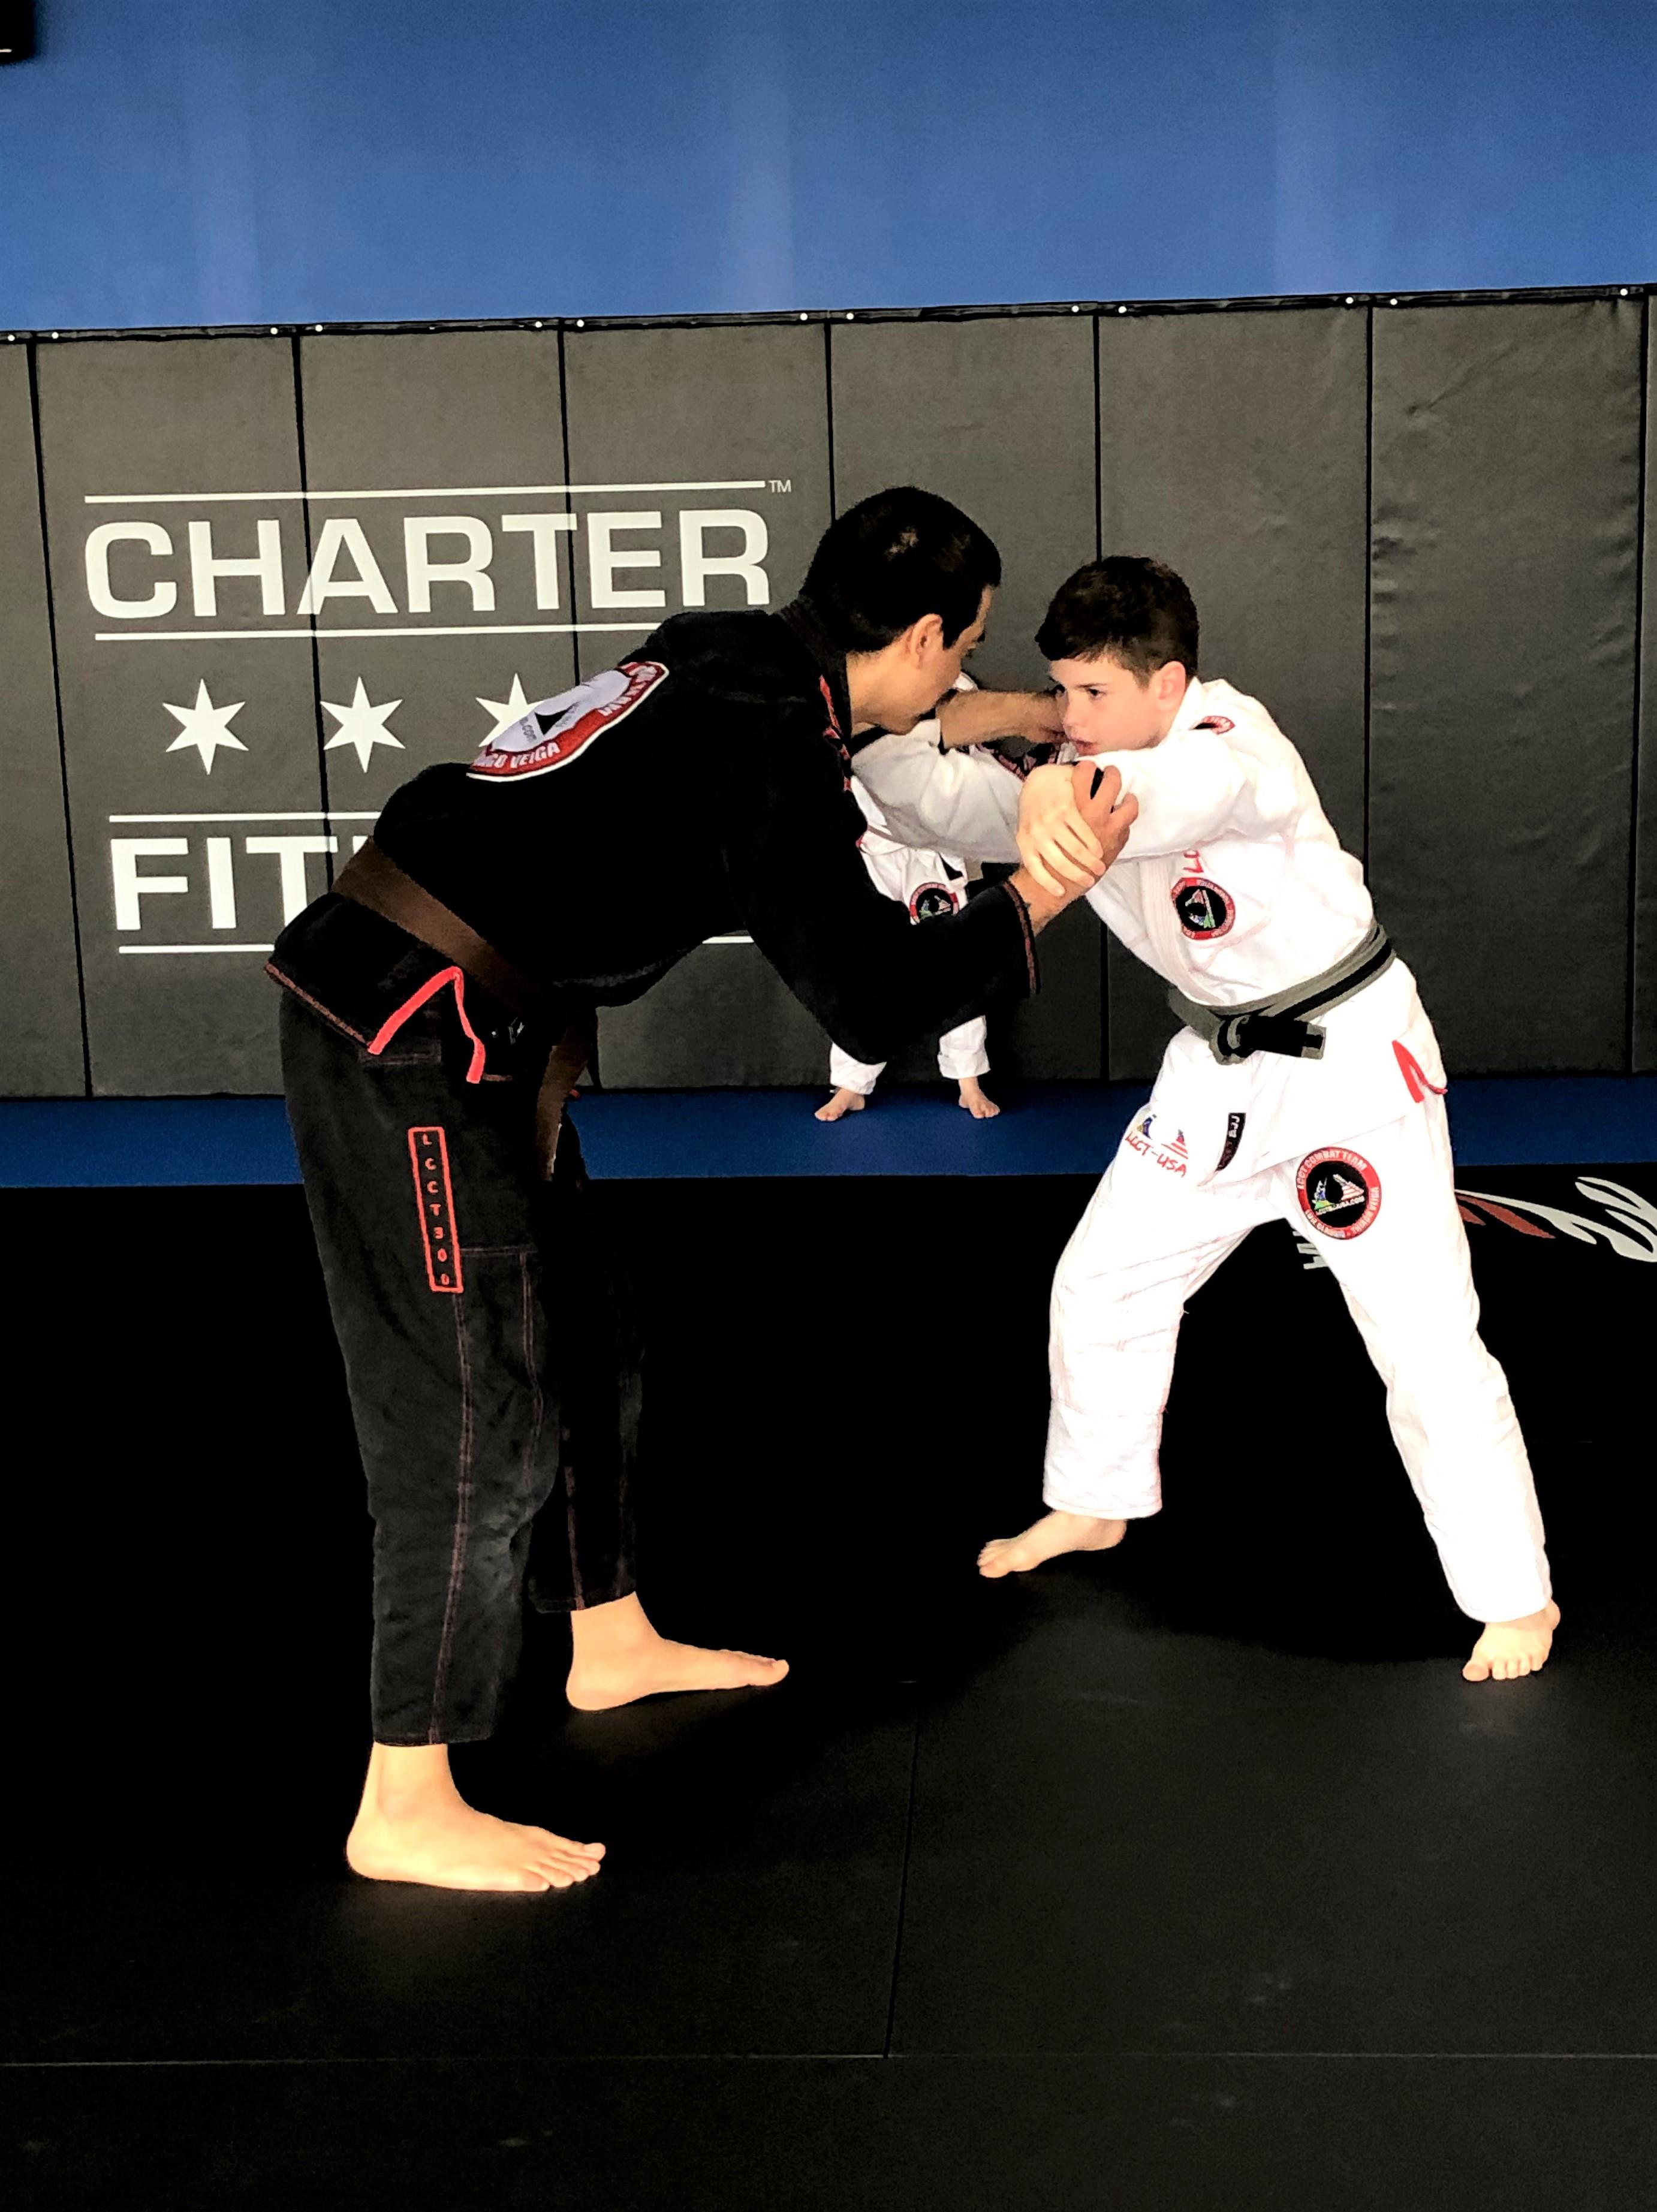 Jiu-Jitsu @ Charter Fitness Mundelein – Rothwell Mixed